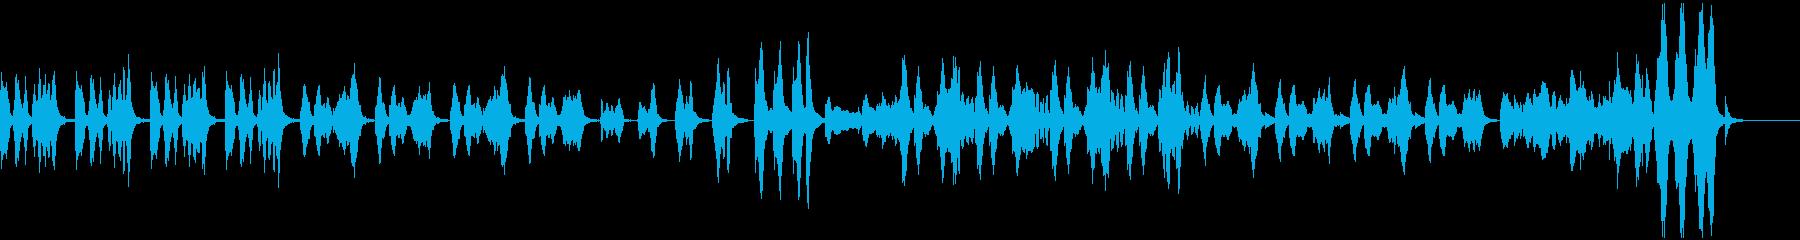 ゲーム メニュー レトロの再生済みの波形